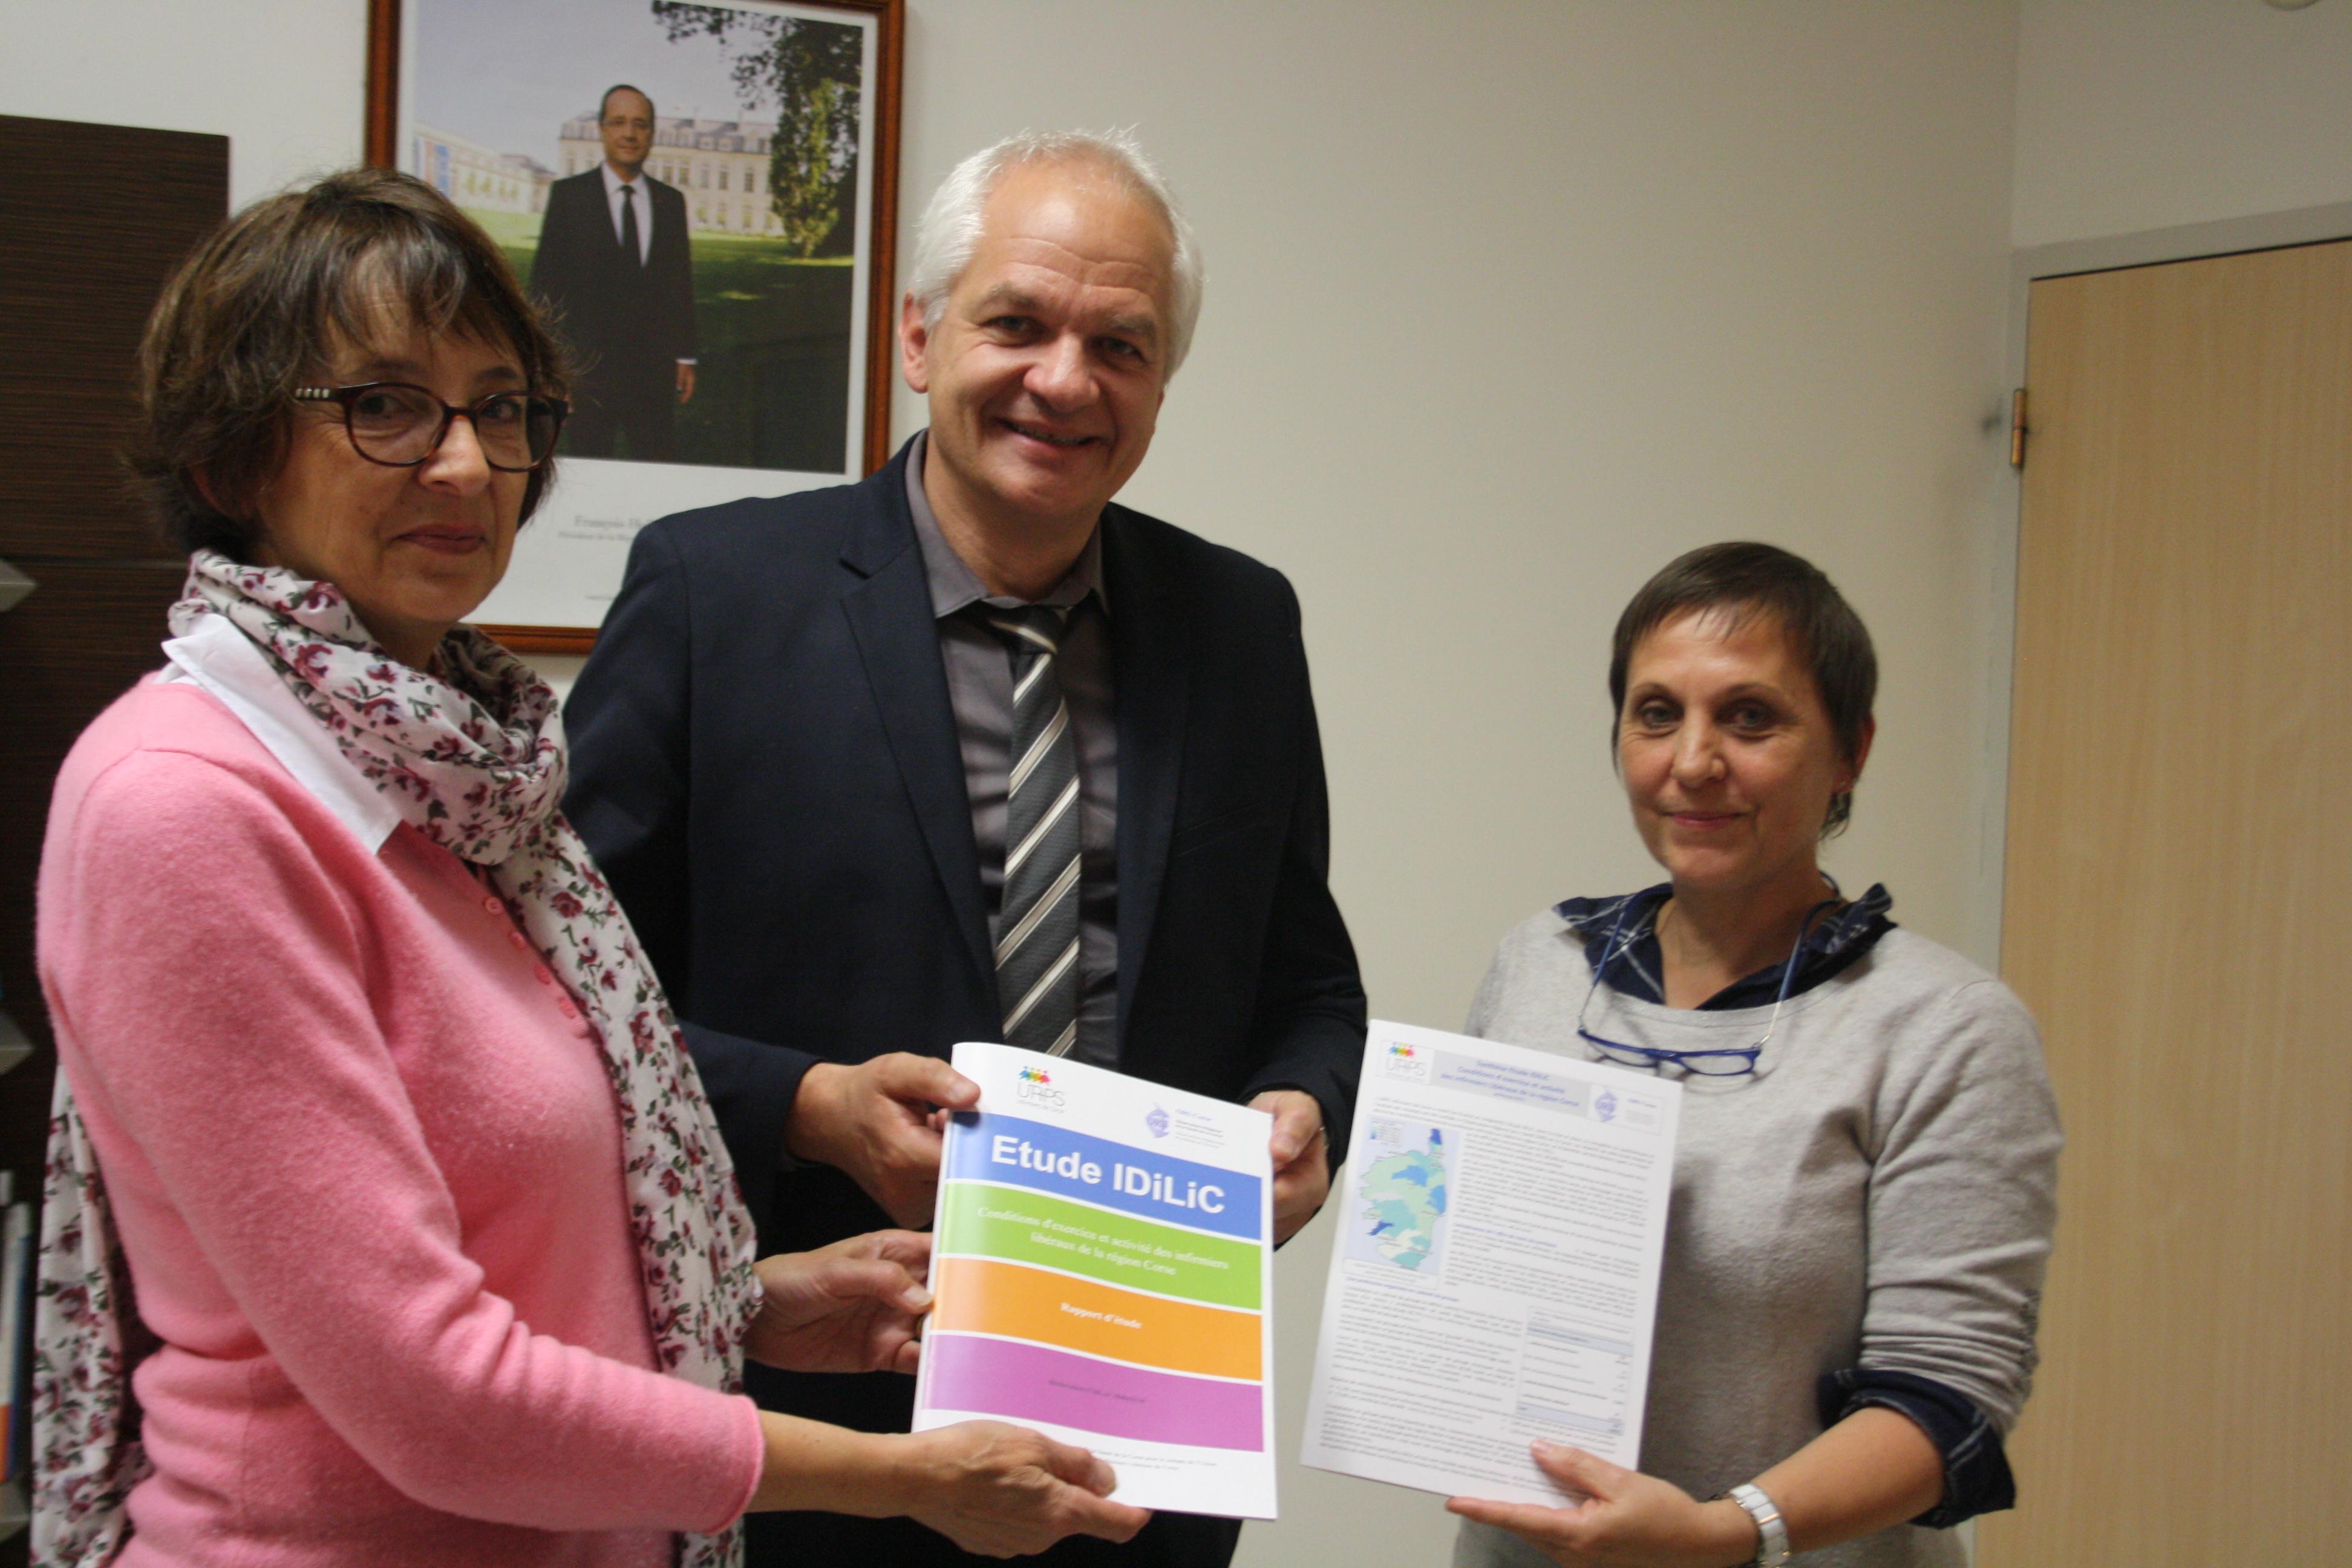 Nathalie Sanchez, Présidente de l'URPS présente le rapport de l'étude IDILIC au directeur général de l'ARS, Jean Jacques Coiplet